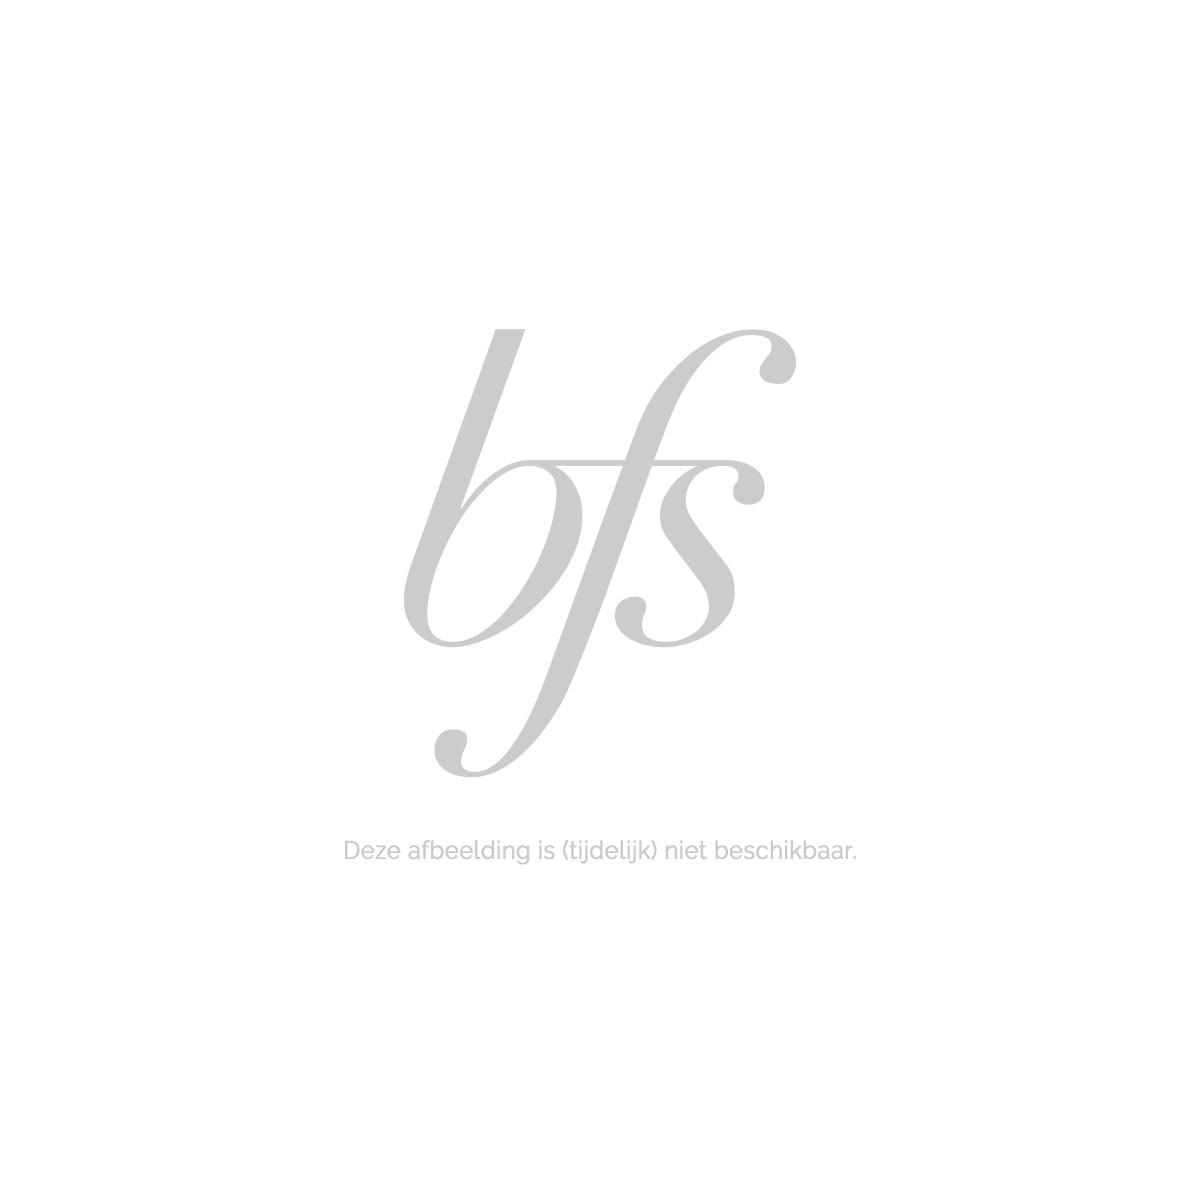 Yves Saint Laurent Rive Gauche For Women Eau de Toilette 50 ml